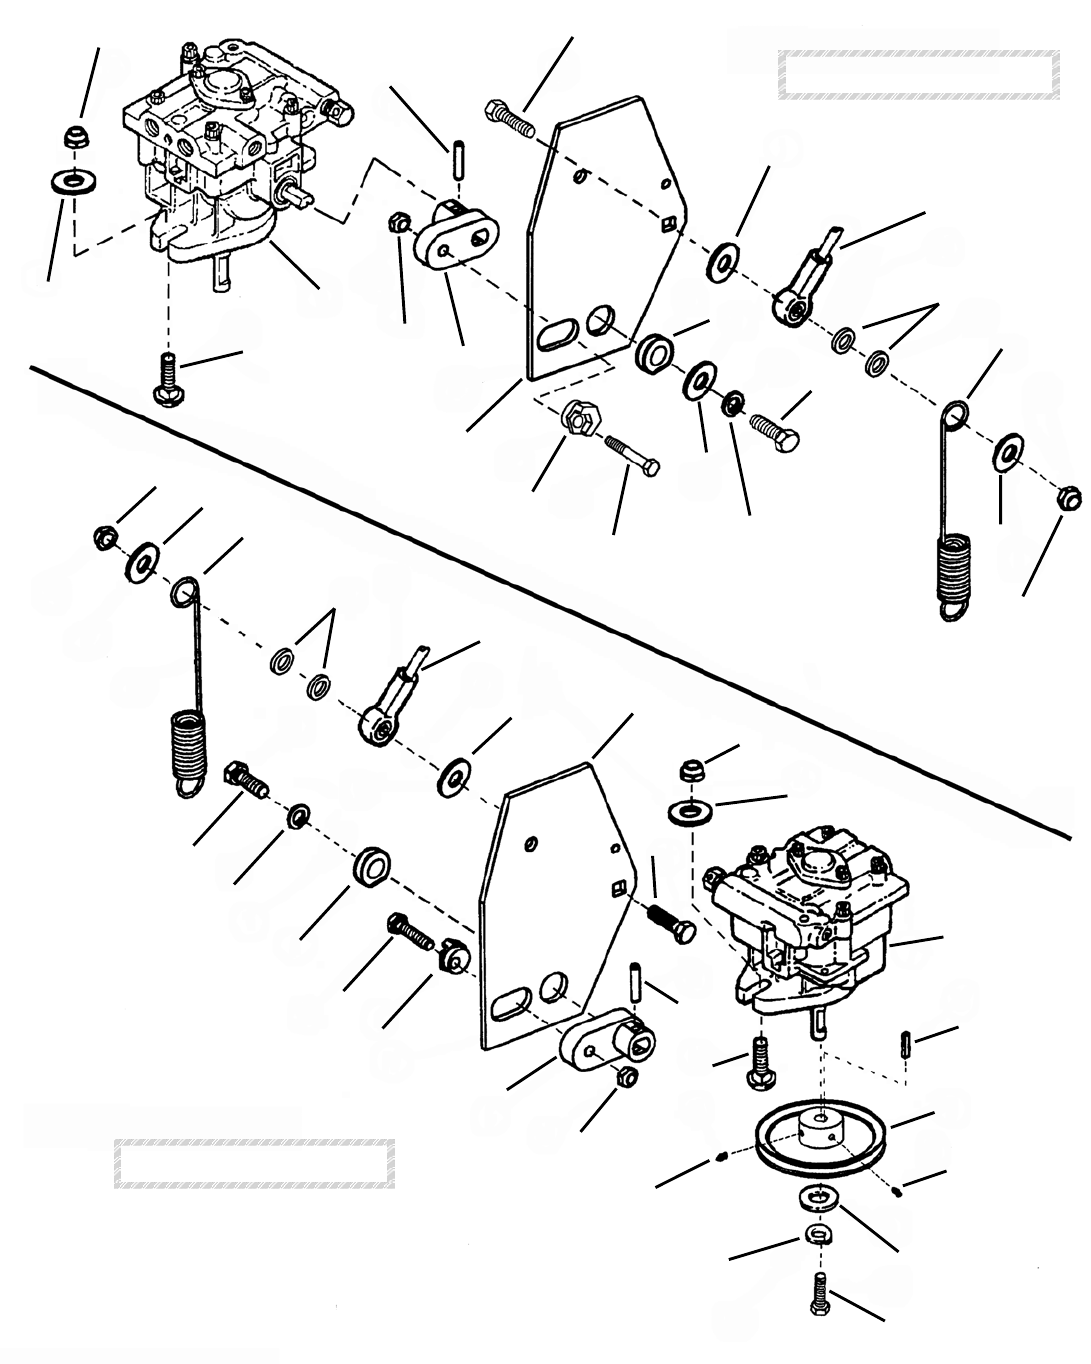 Parts Manual Pro Hydro Spa521 06928 Kawasaki Fc420v 14 Hp Wiring Diagram